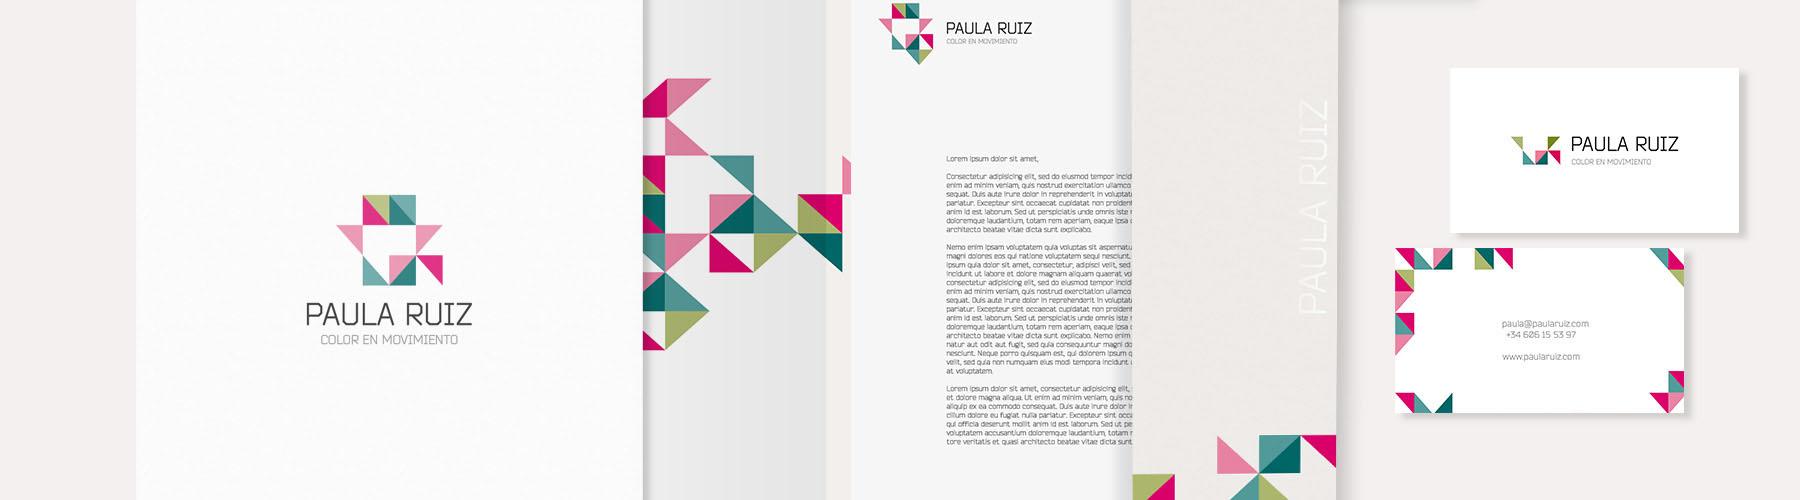 Paula Ruiz